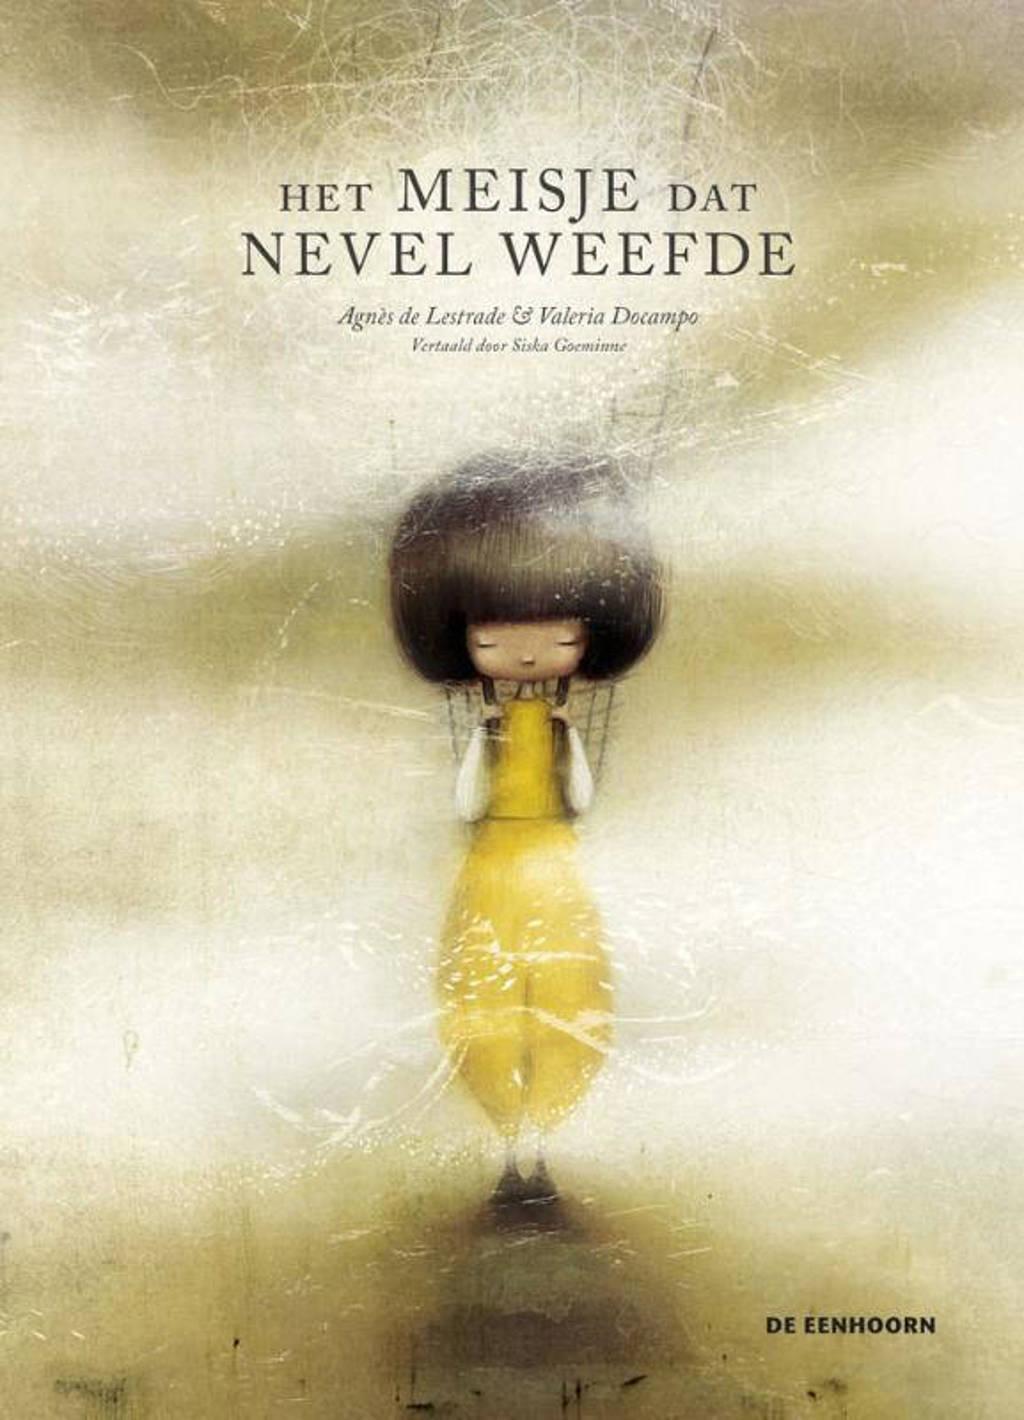 Het meisje dat nevel weefde - Agnès de Lestrade